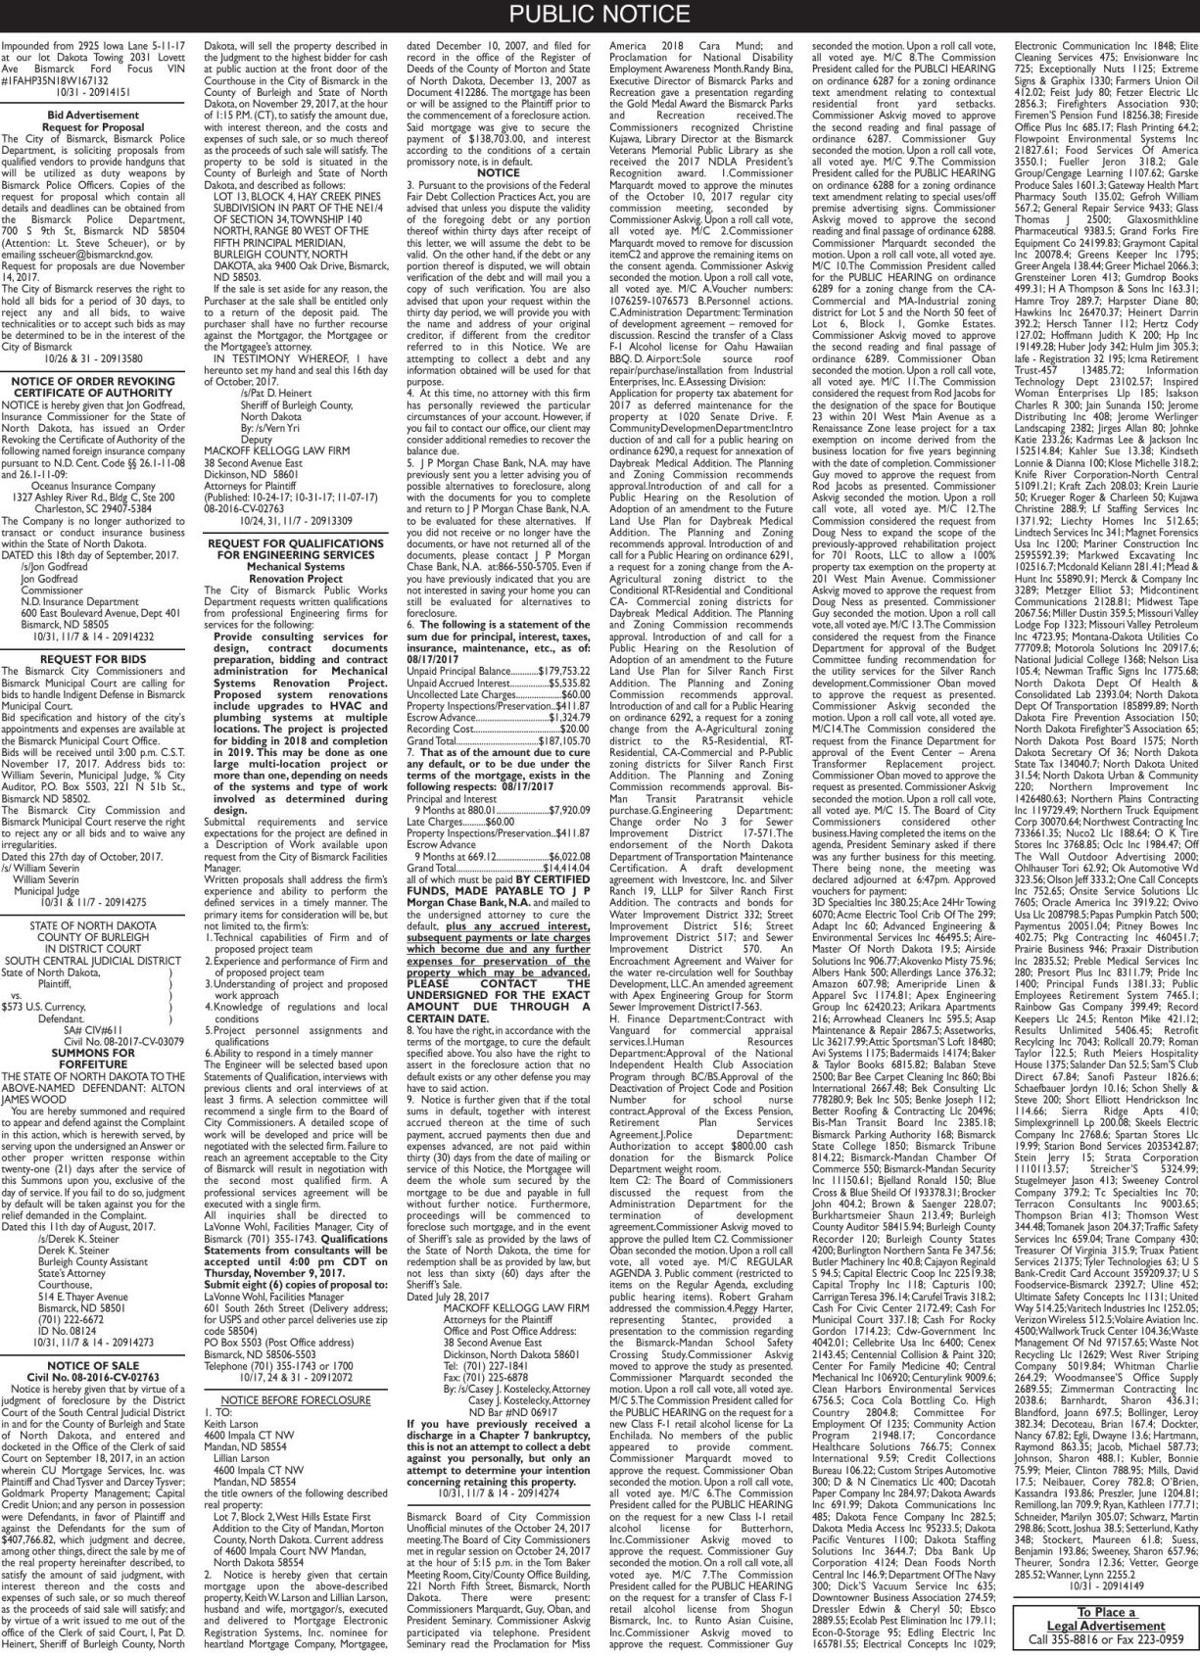 Legals - October 31, 2017